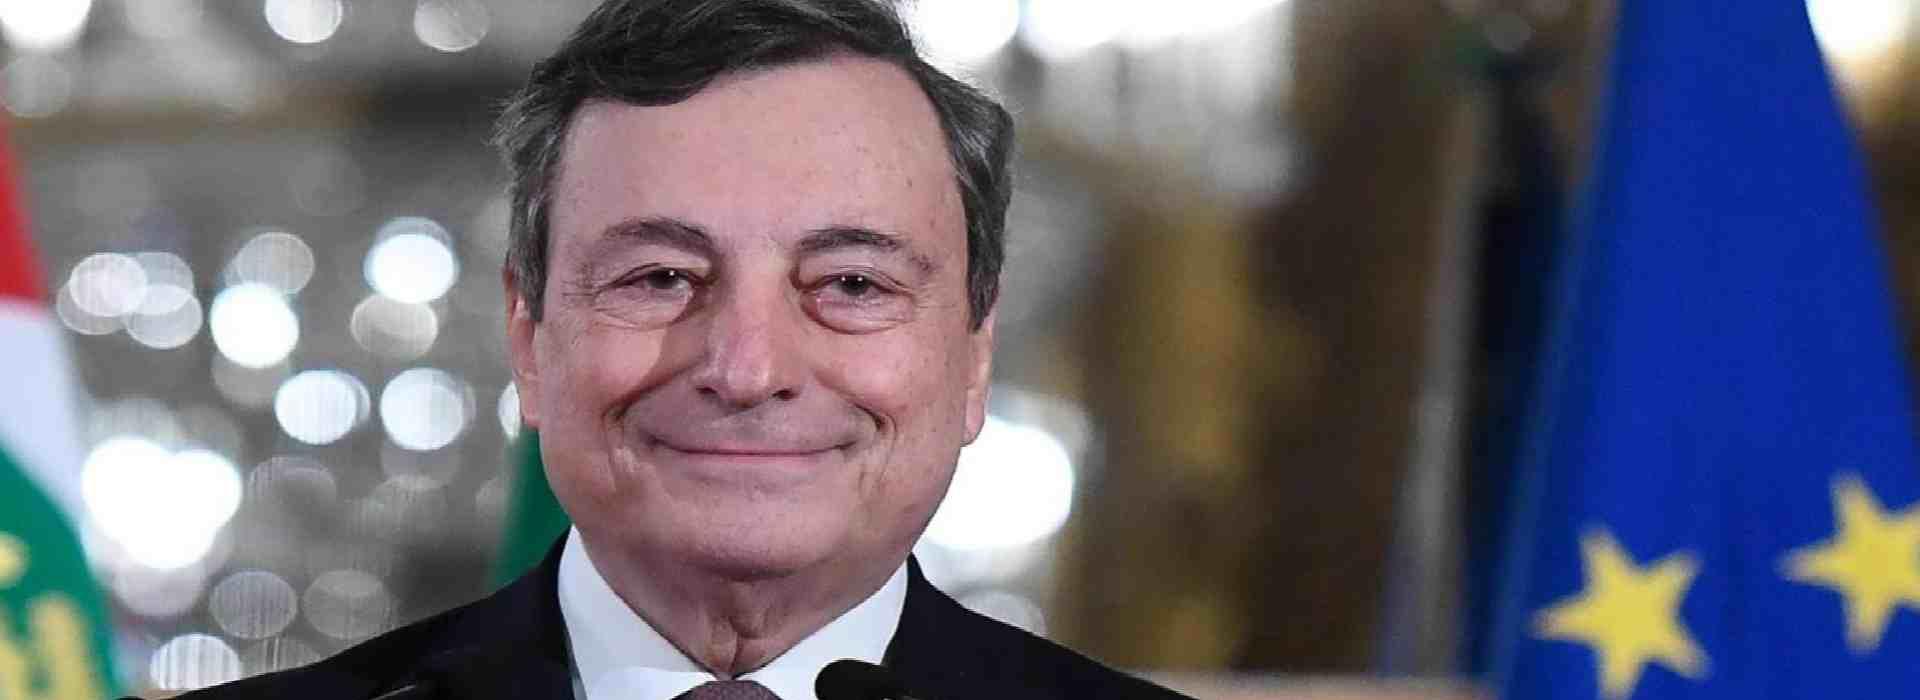 Chi è Mario Draghi? Storia di palazzi e di potere. E di uomo.